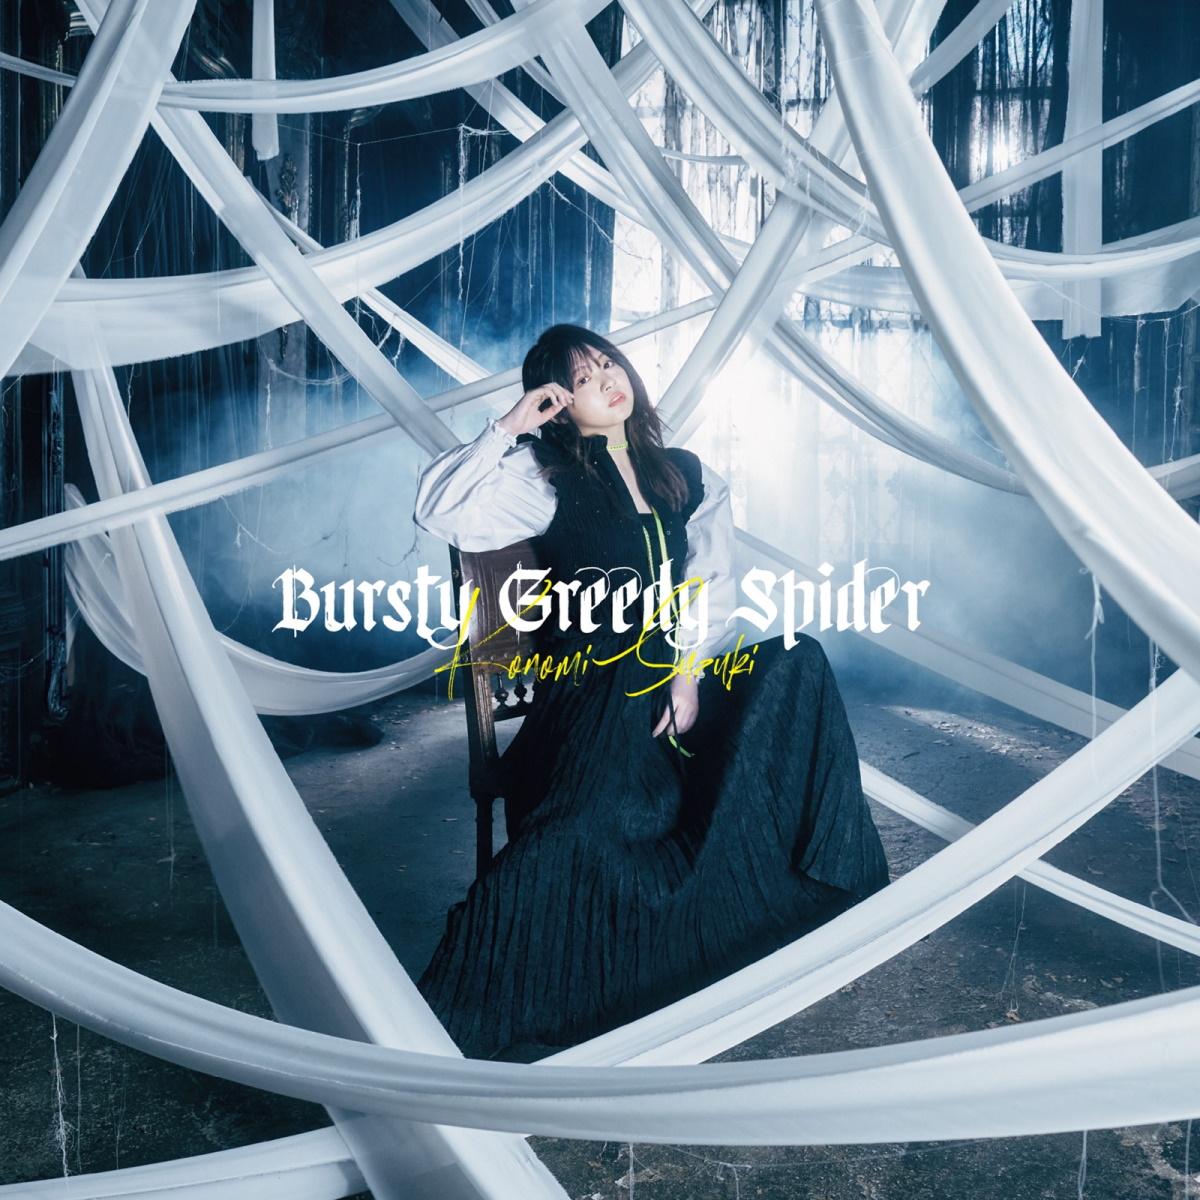 『鈴木このみ - Bursty Greedy Spider』収録の『Bursty Greedy Spider』ジャケット